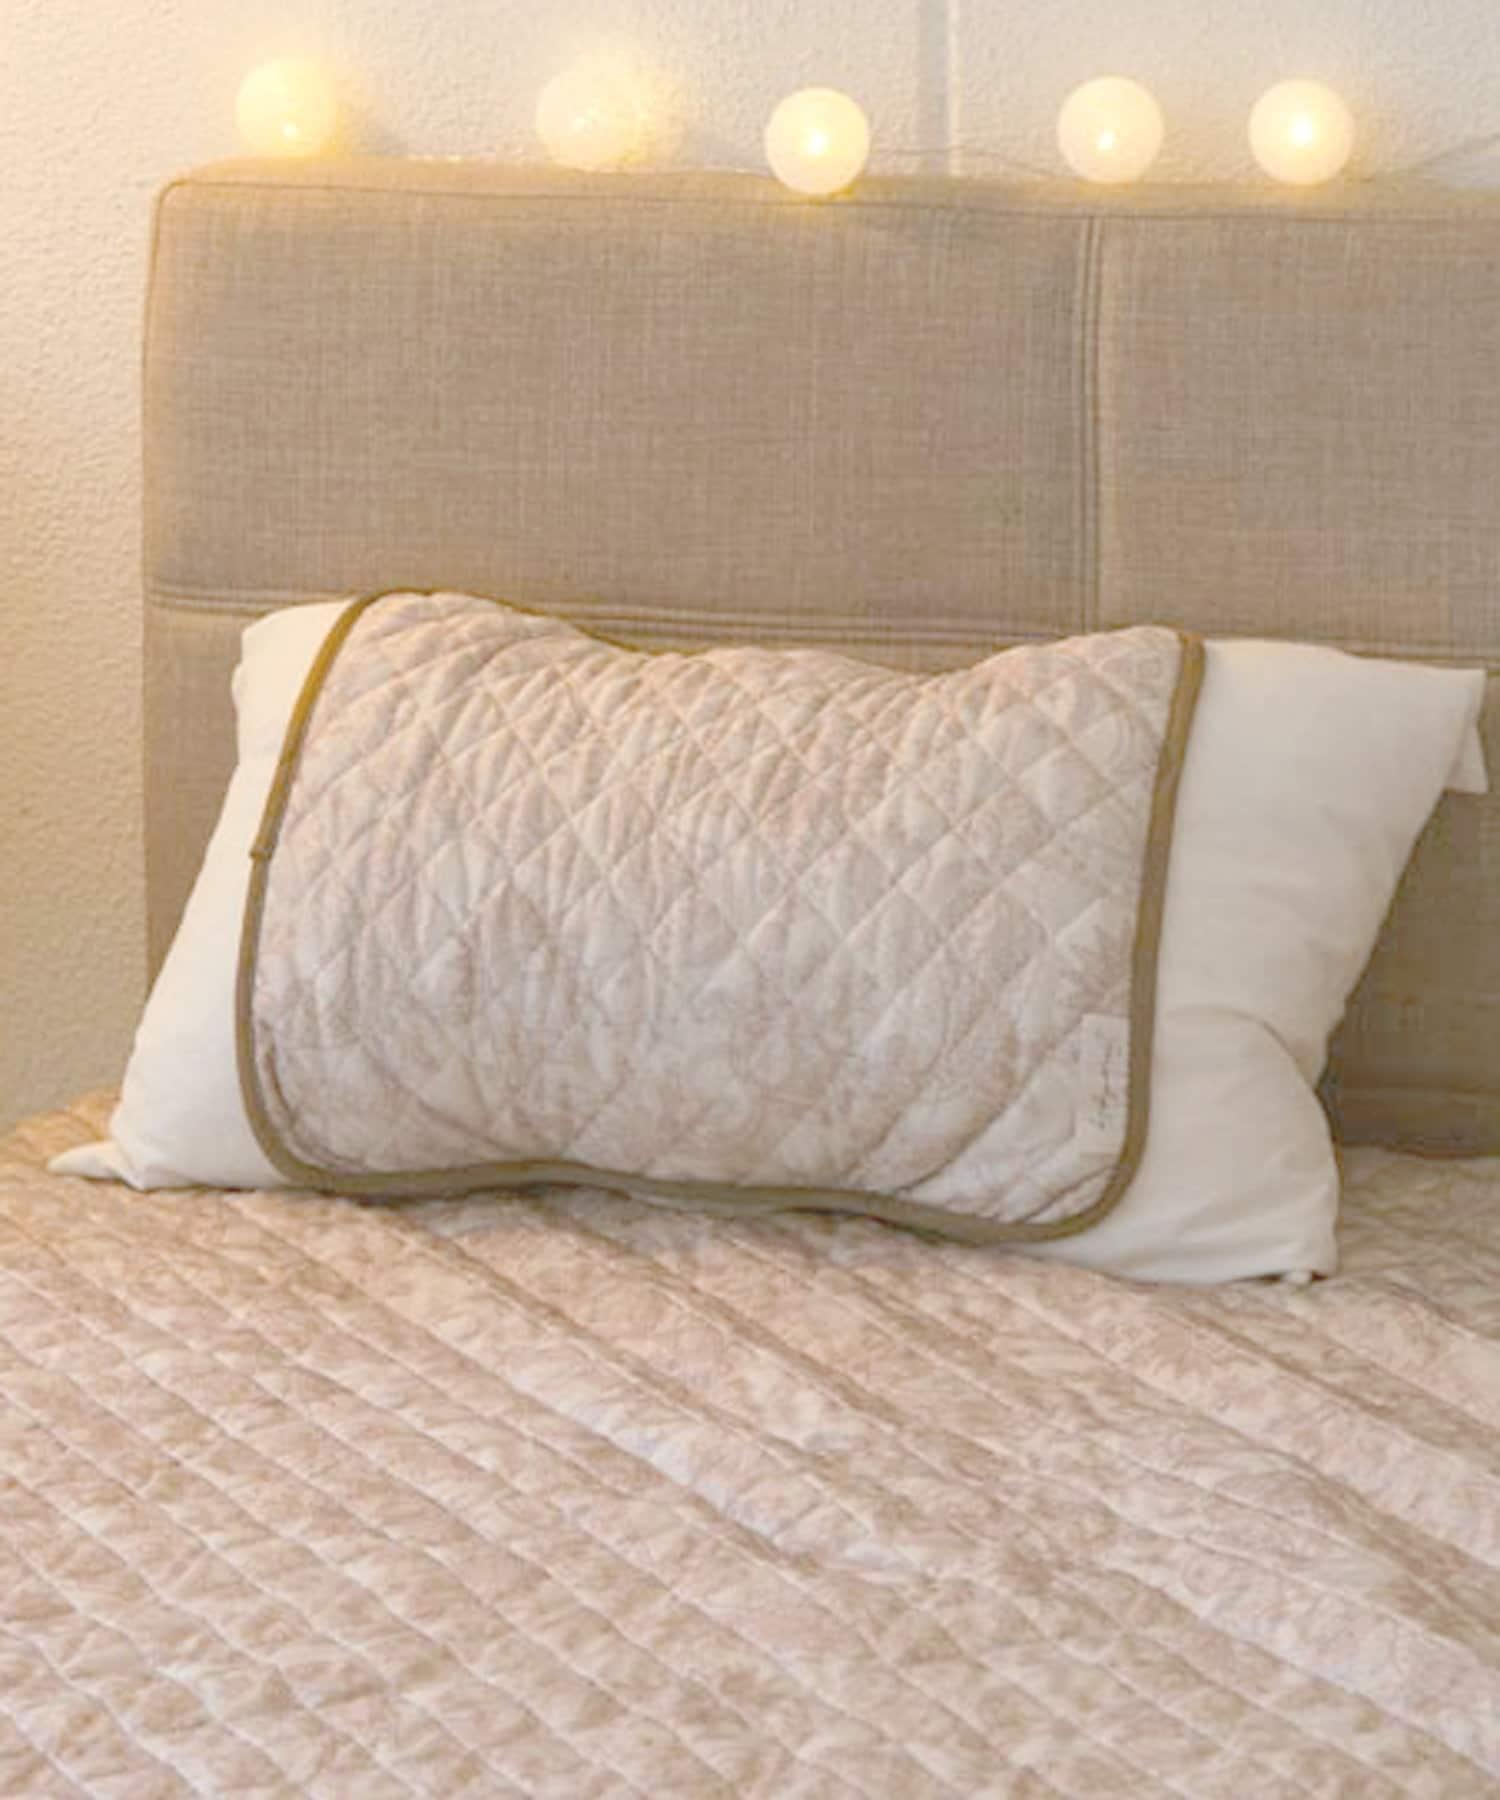 3COINS(スリーコインズ) ライフスタイル 【ひんやりファブリック】接触冷感枕パッド ベージュ